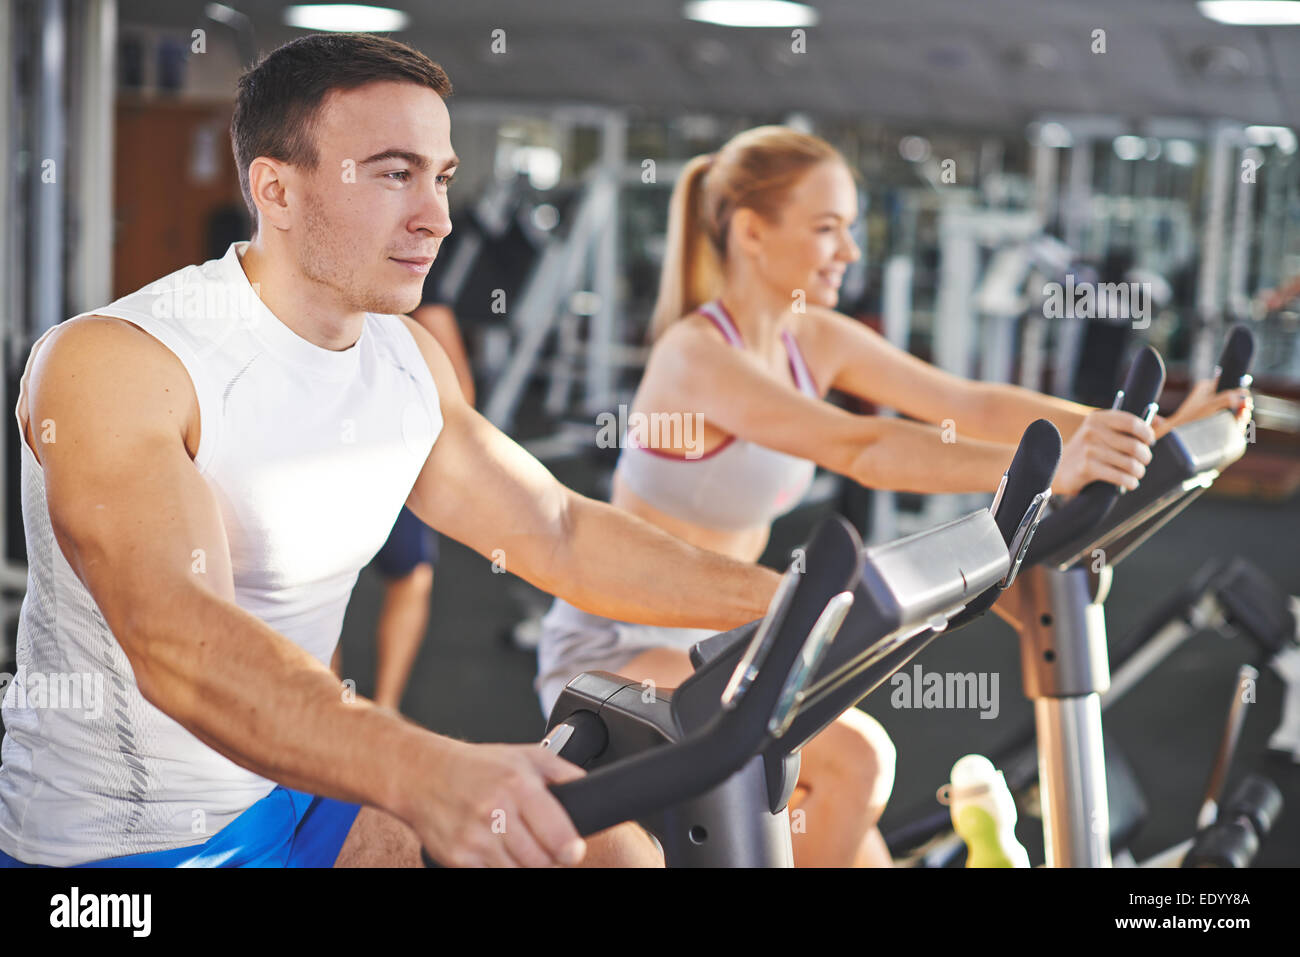 Retrato de hombre joven y mujer durante el entrenamiento en el gimnasio Imagen De Stock